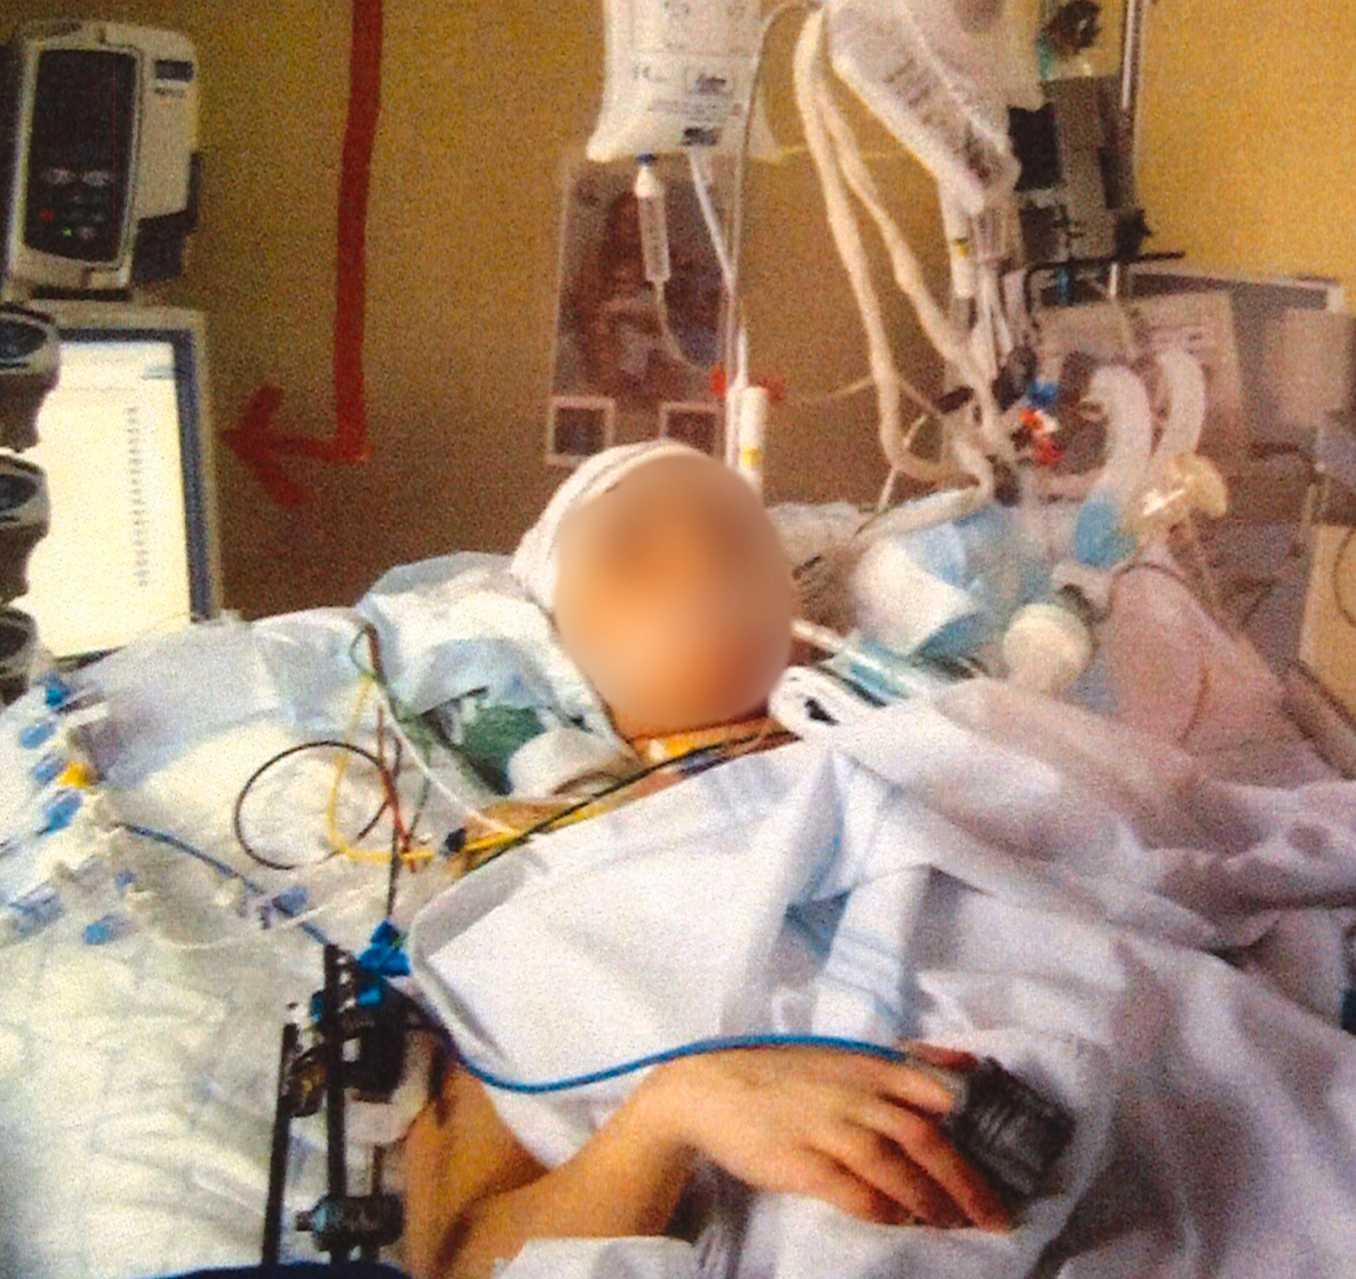 Sofia hölls nedsövd i fem veckor. Så gott som vartenda ben i hennes kropp hade brutits och hon hade omfattande skallskador.